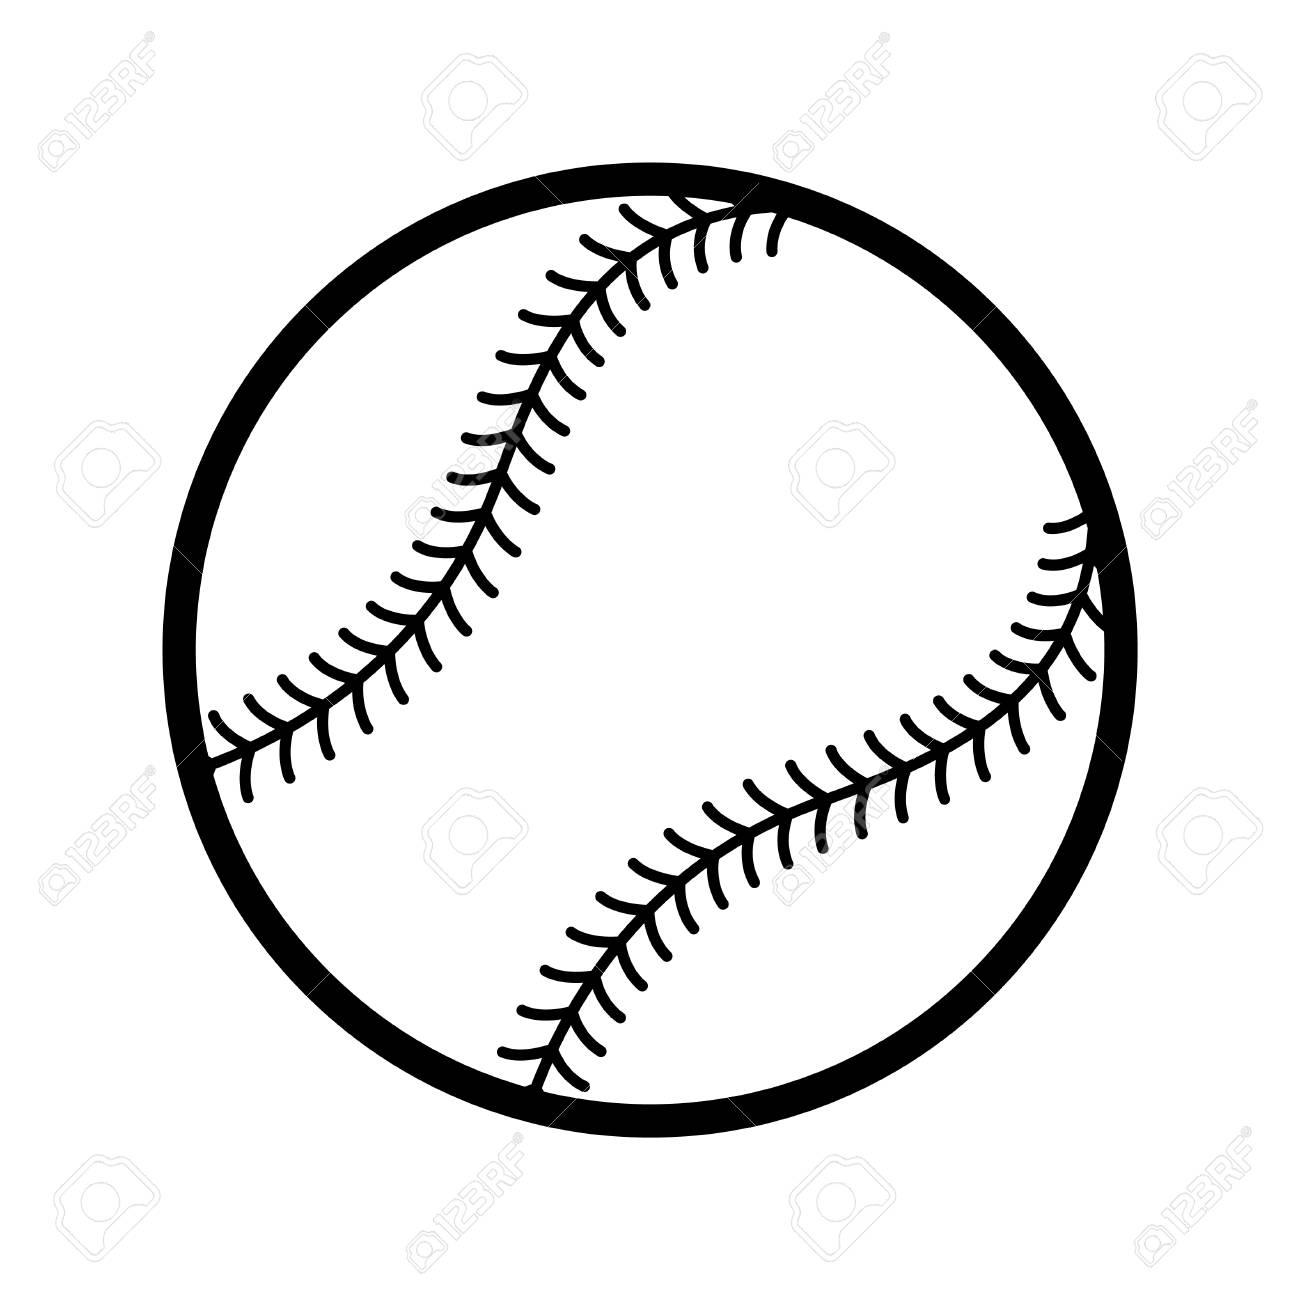 baseball vector icon royalty free cliparts vectors and stock rh 123rf com baseball vector art free basketball vectors